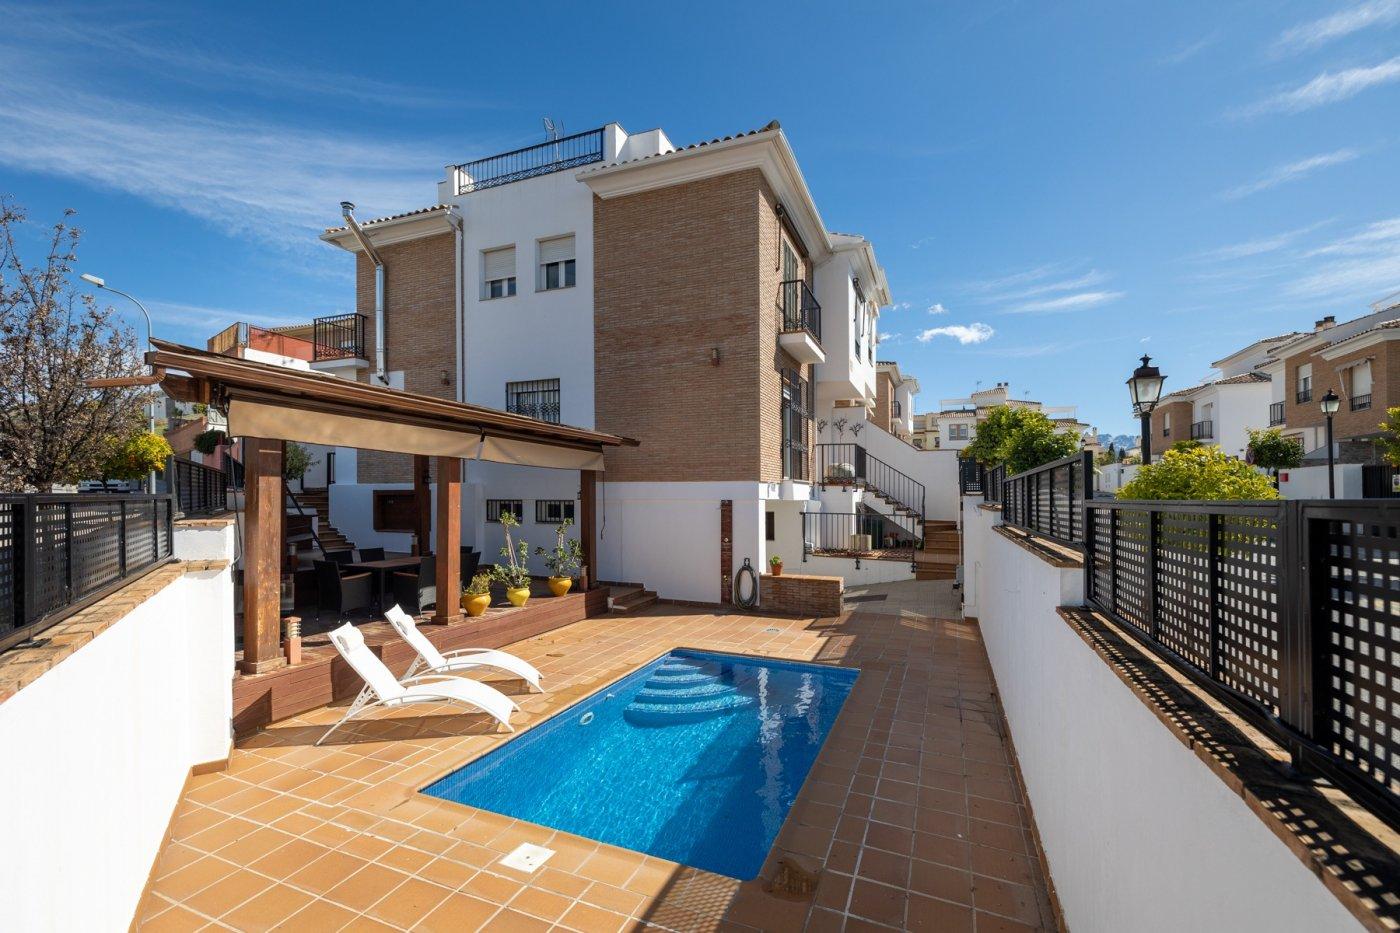 Casa pareada de cuatro dormitorios mas torreón y piscina.